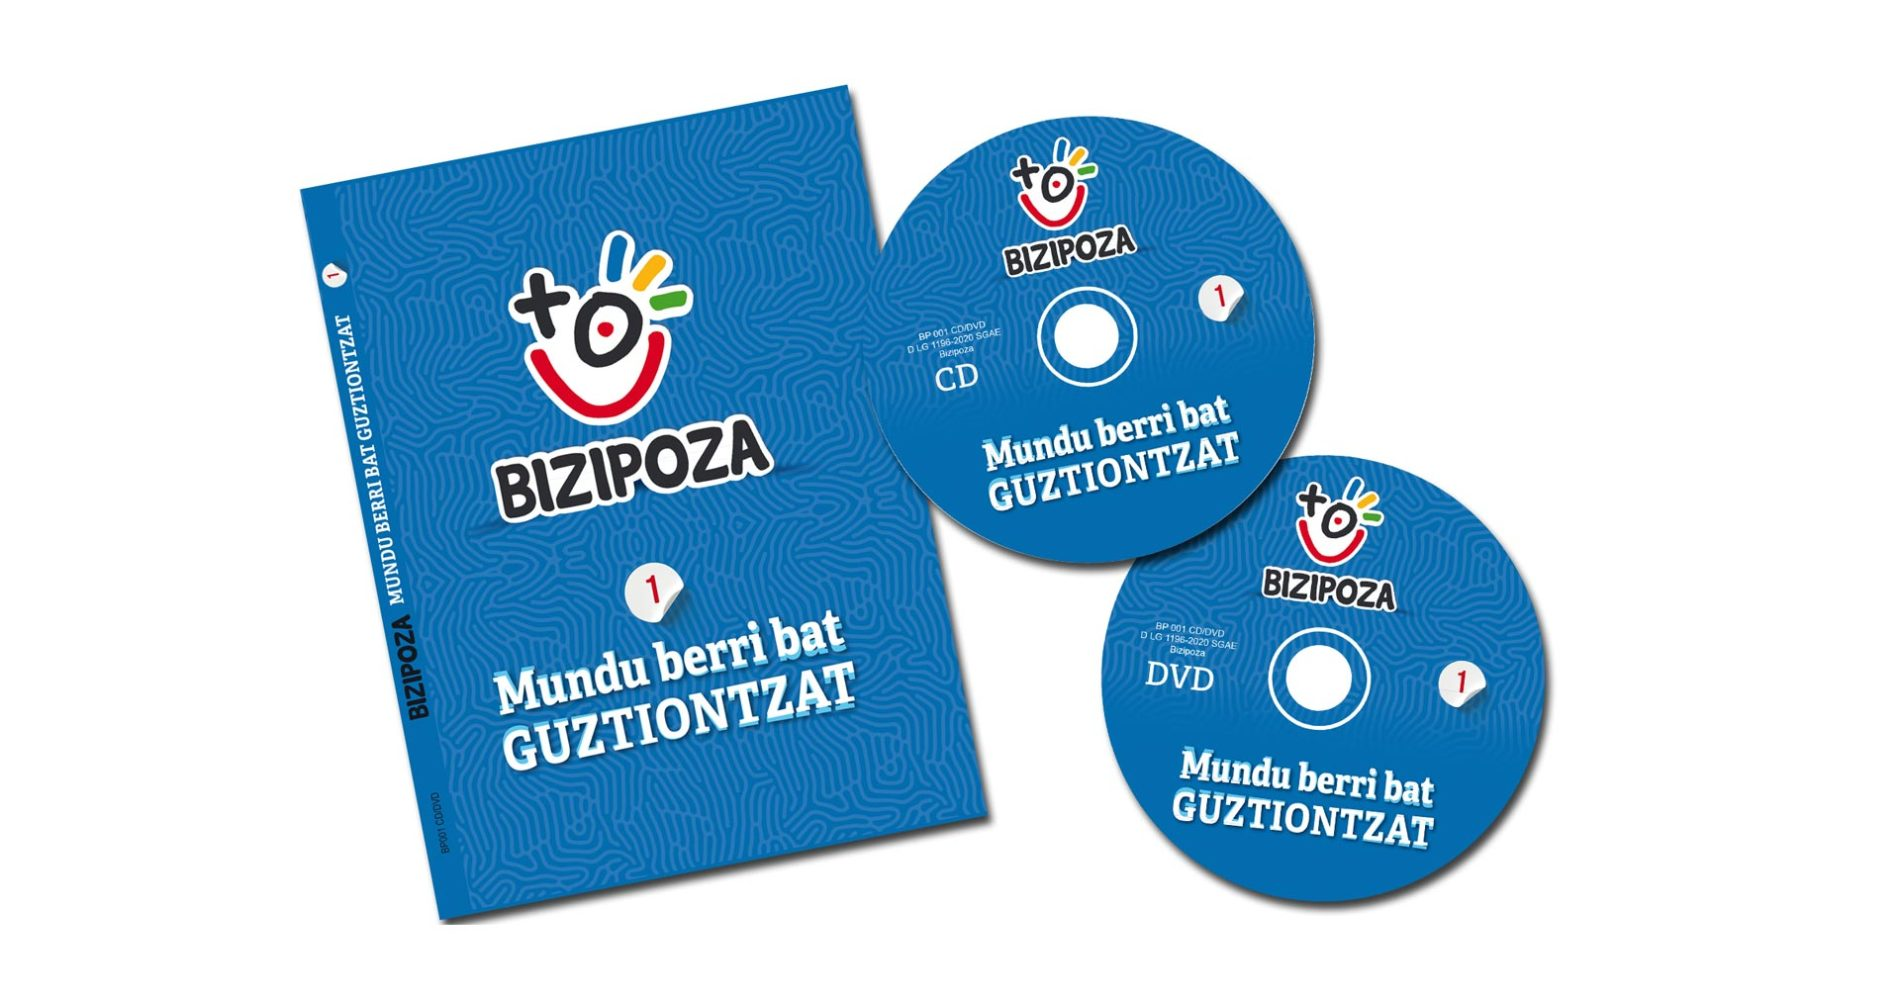 cd-bizipoza